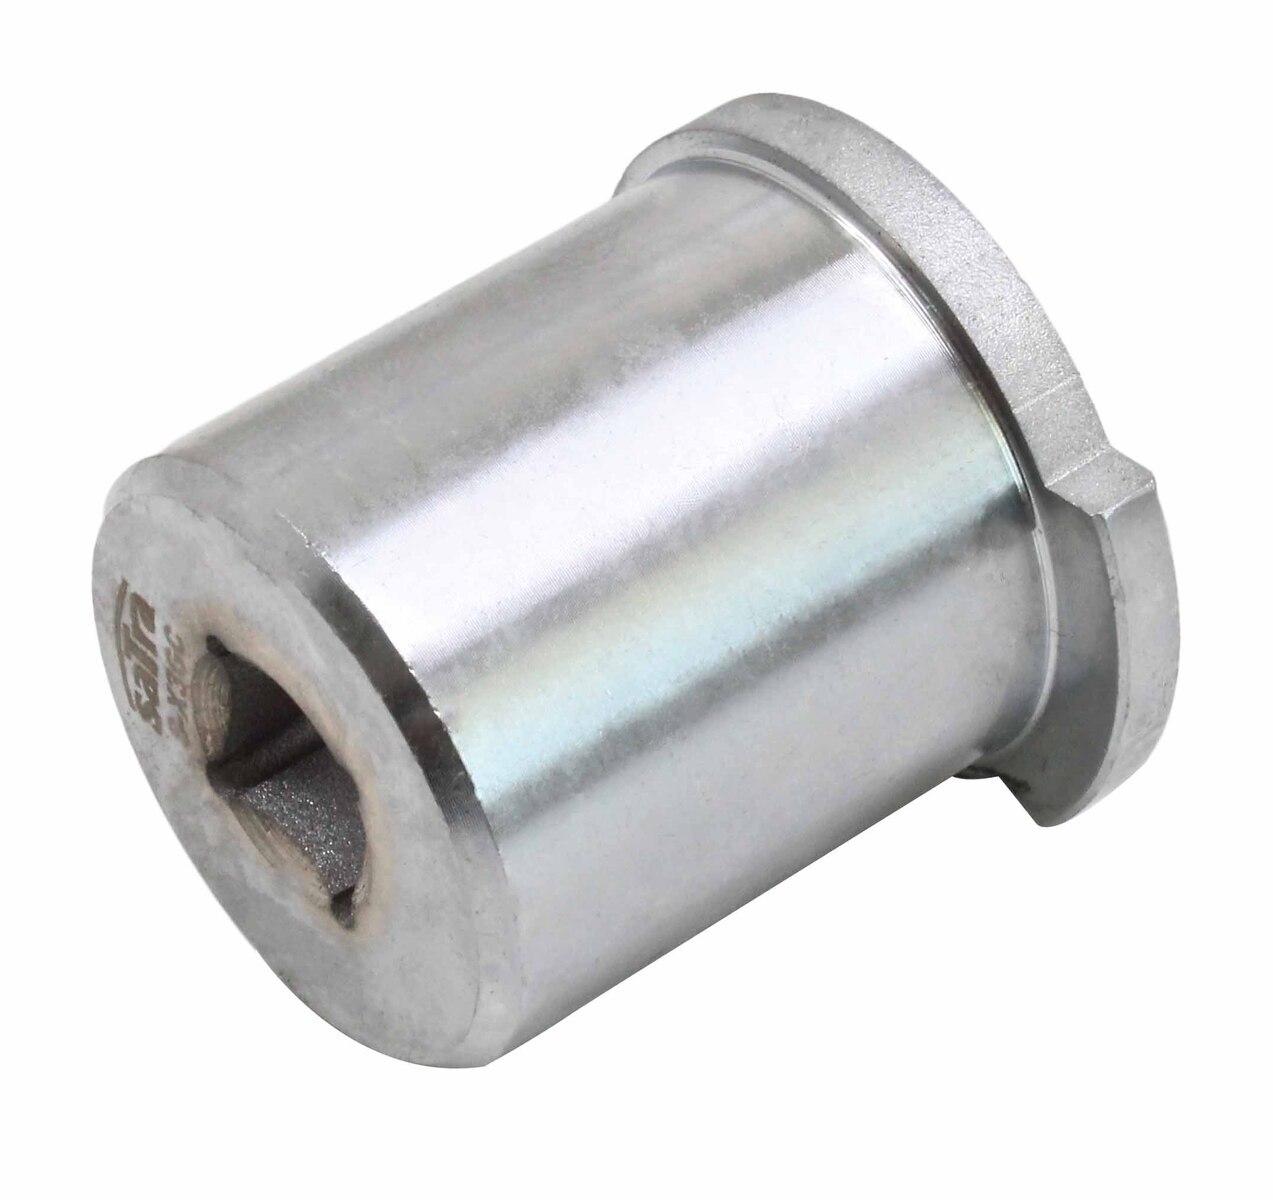 Přípravek - adaptér na otáčení klikové hřídele VAG 1.8 a 2.0 TFSI benzín - SATRA